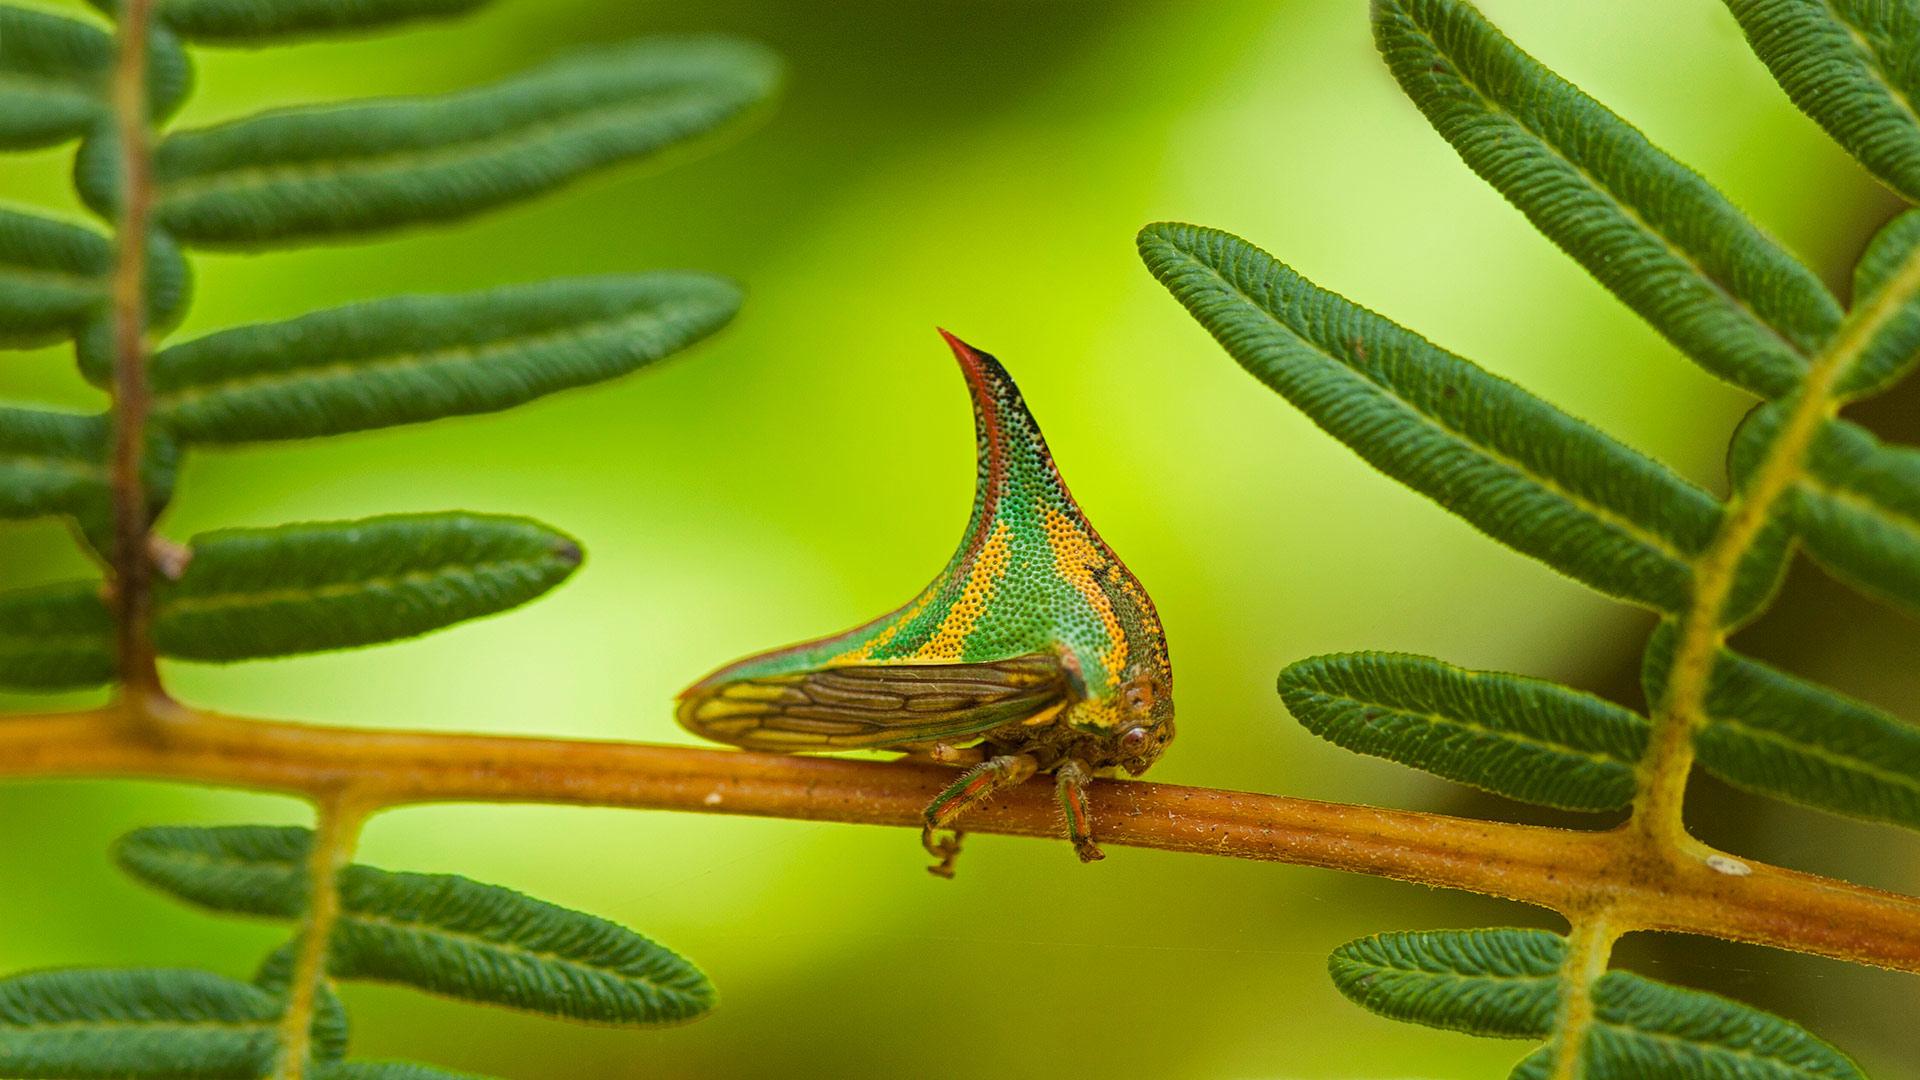 Pico Bonito国家公园里的刺蛾,洪都拉斯 (© Mac Stone/Tandem Stills + Motion)